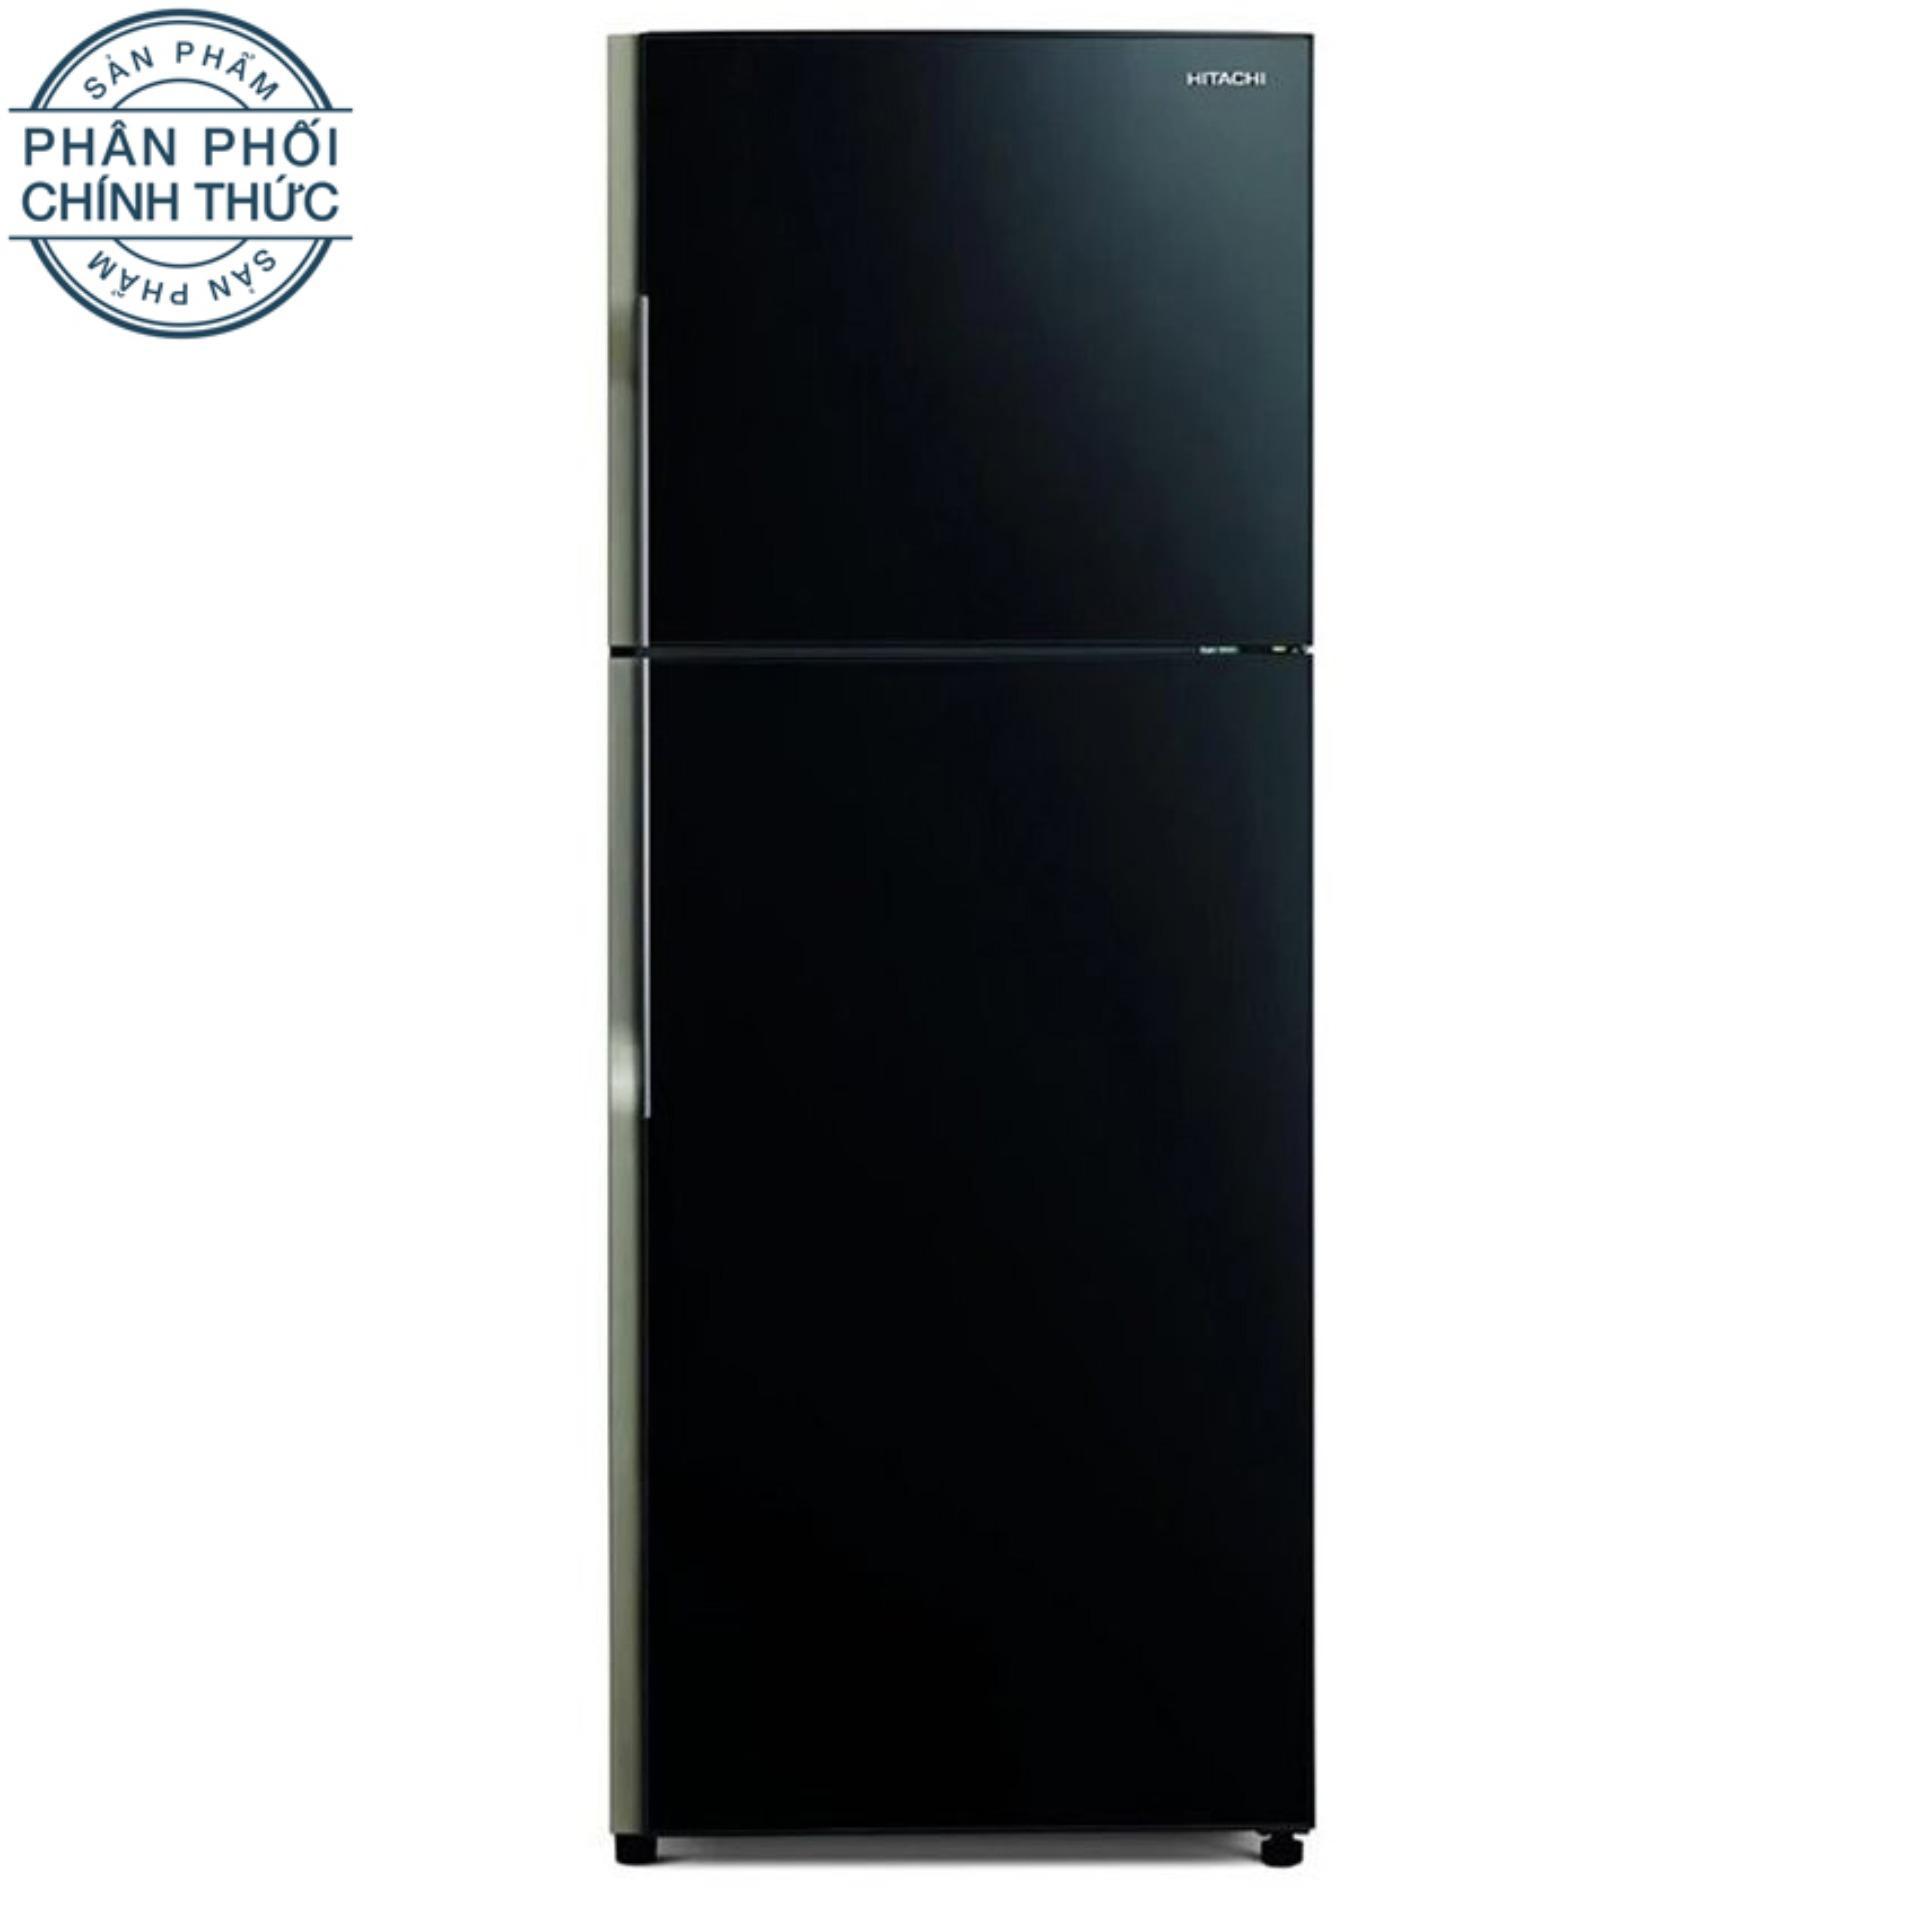 Giá Bán Tủ Lạnh Hitachi R Vg470Pgv3 Gbk 395L 2 Cửa Đen Mới